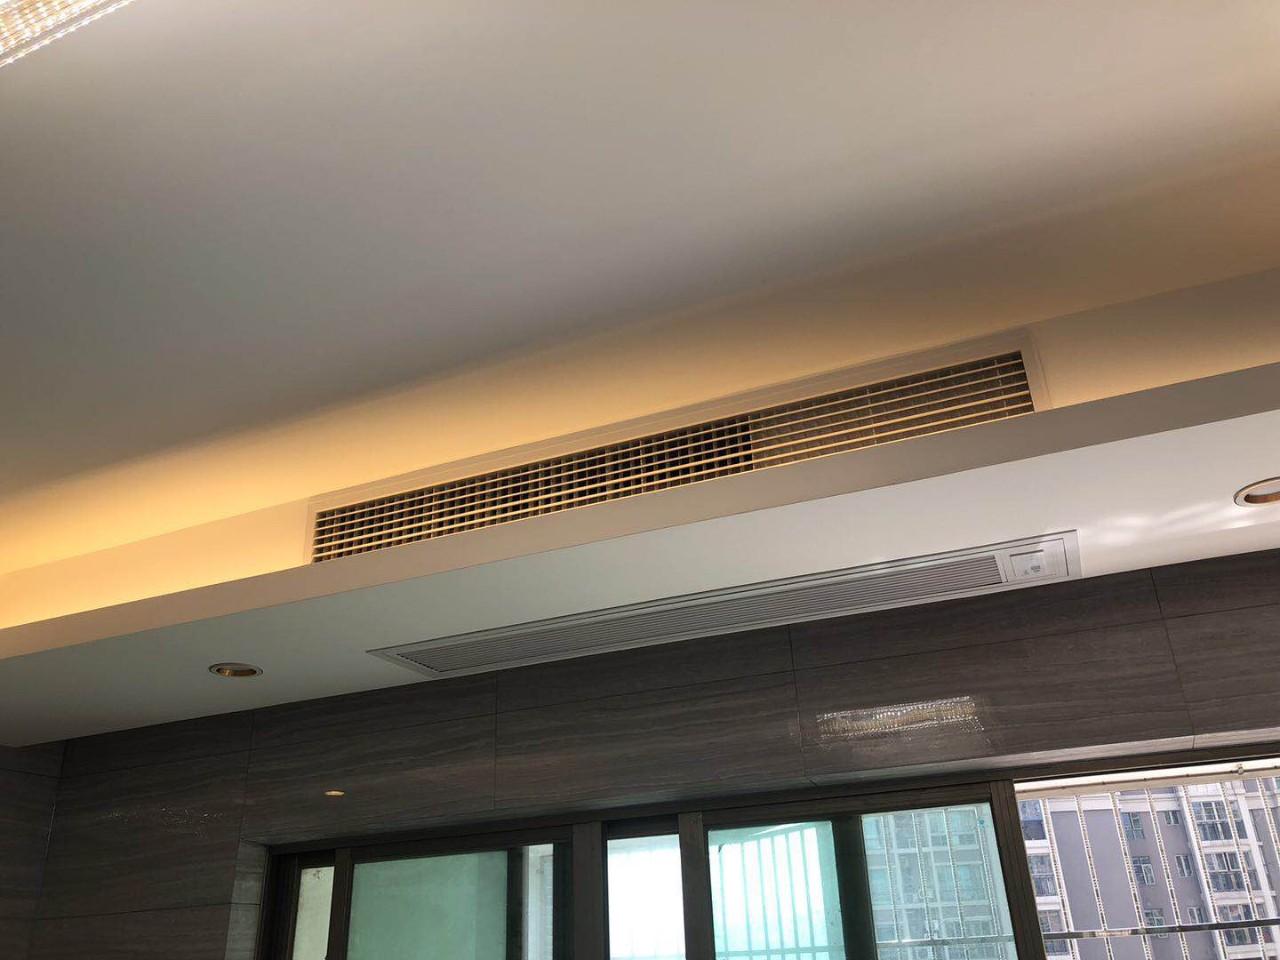 冬季买空调注意事项_家装中央空调的选购与安装注意事项丨装修日记